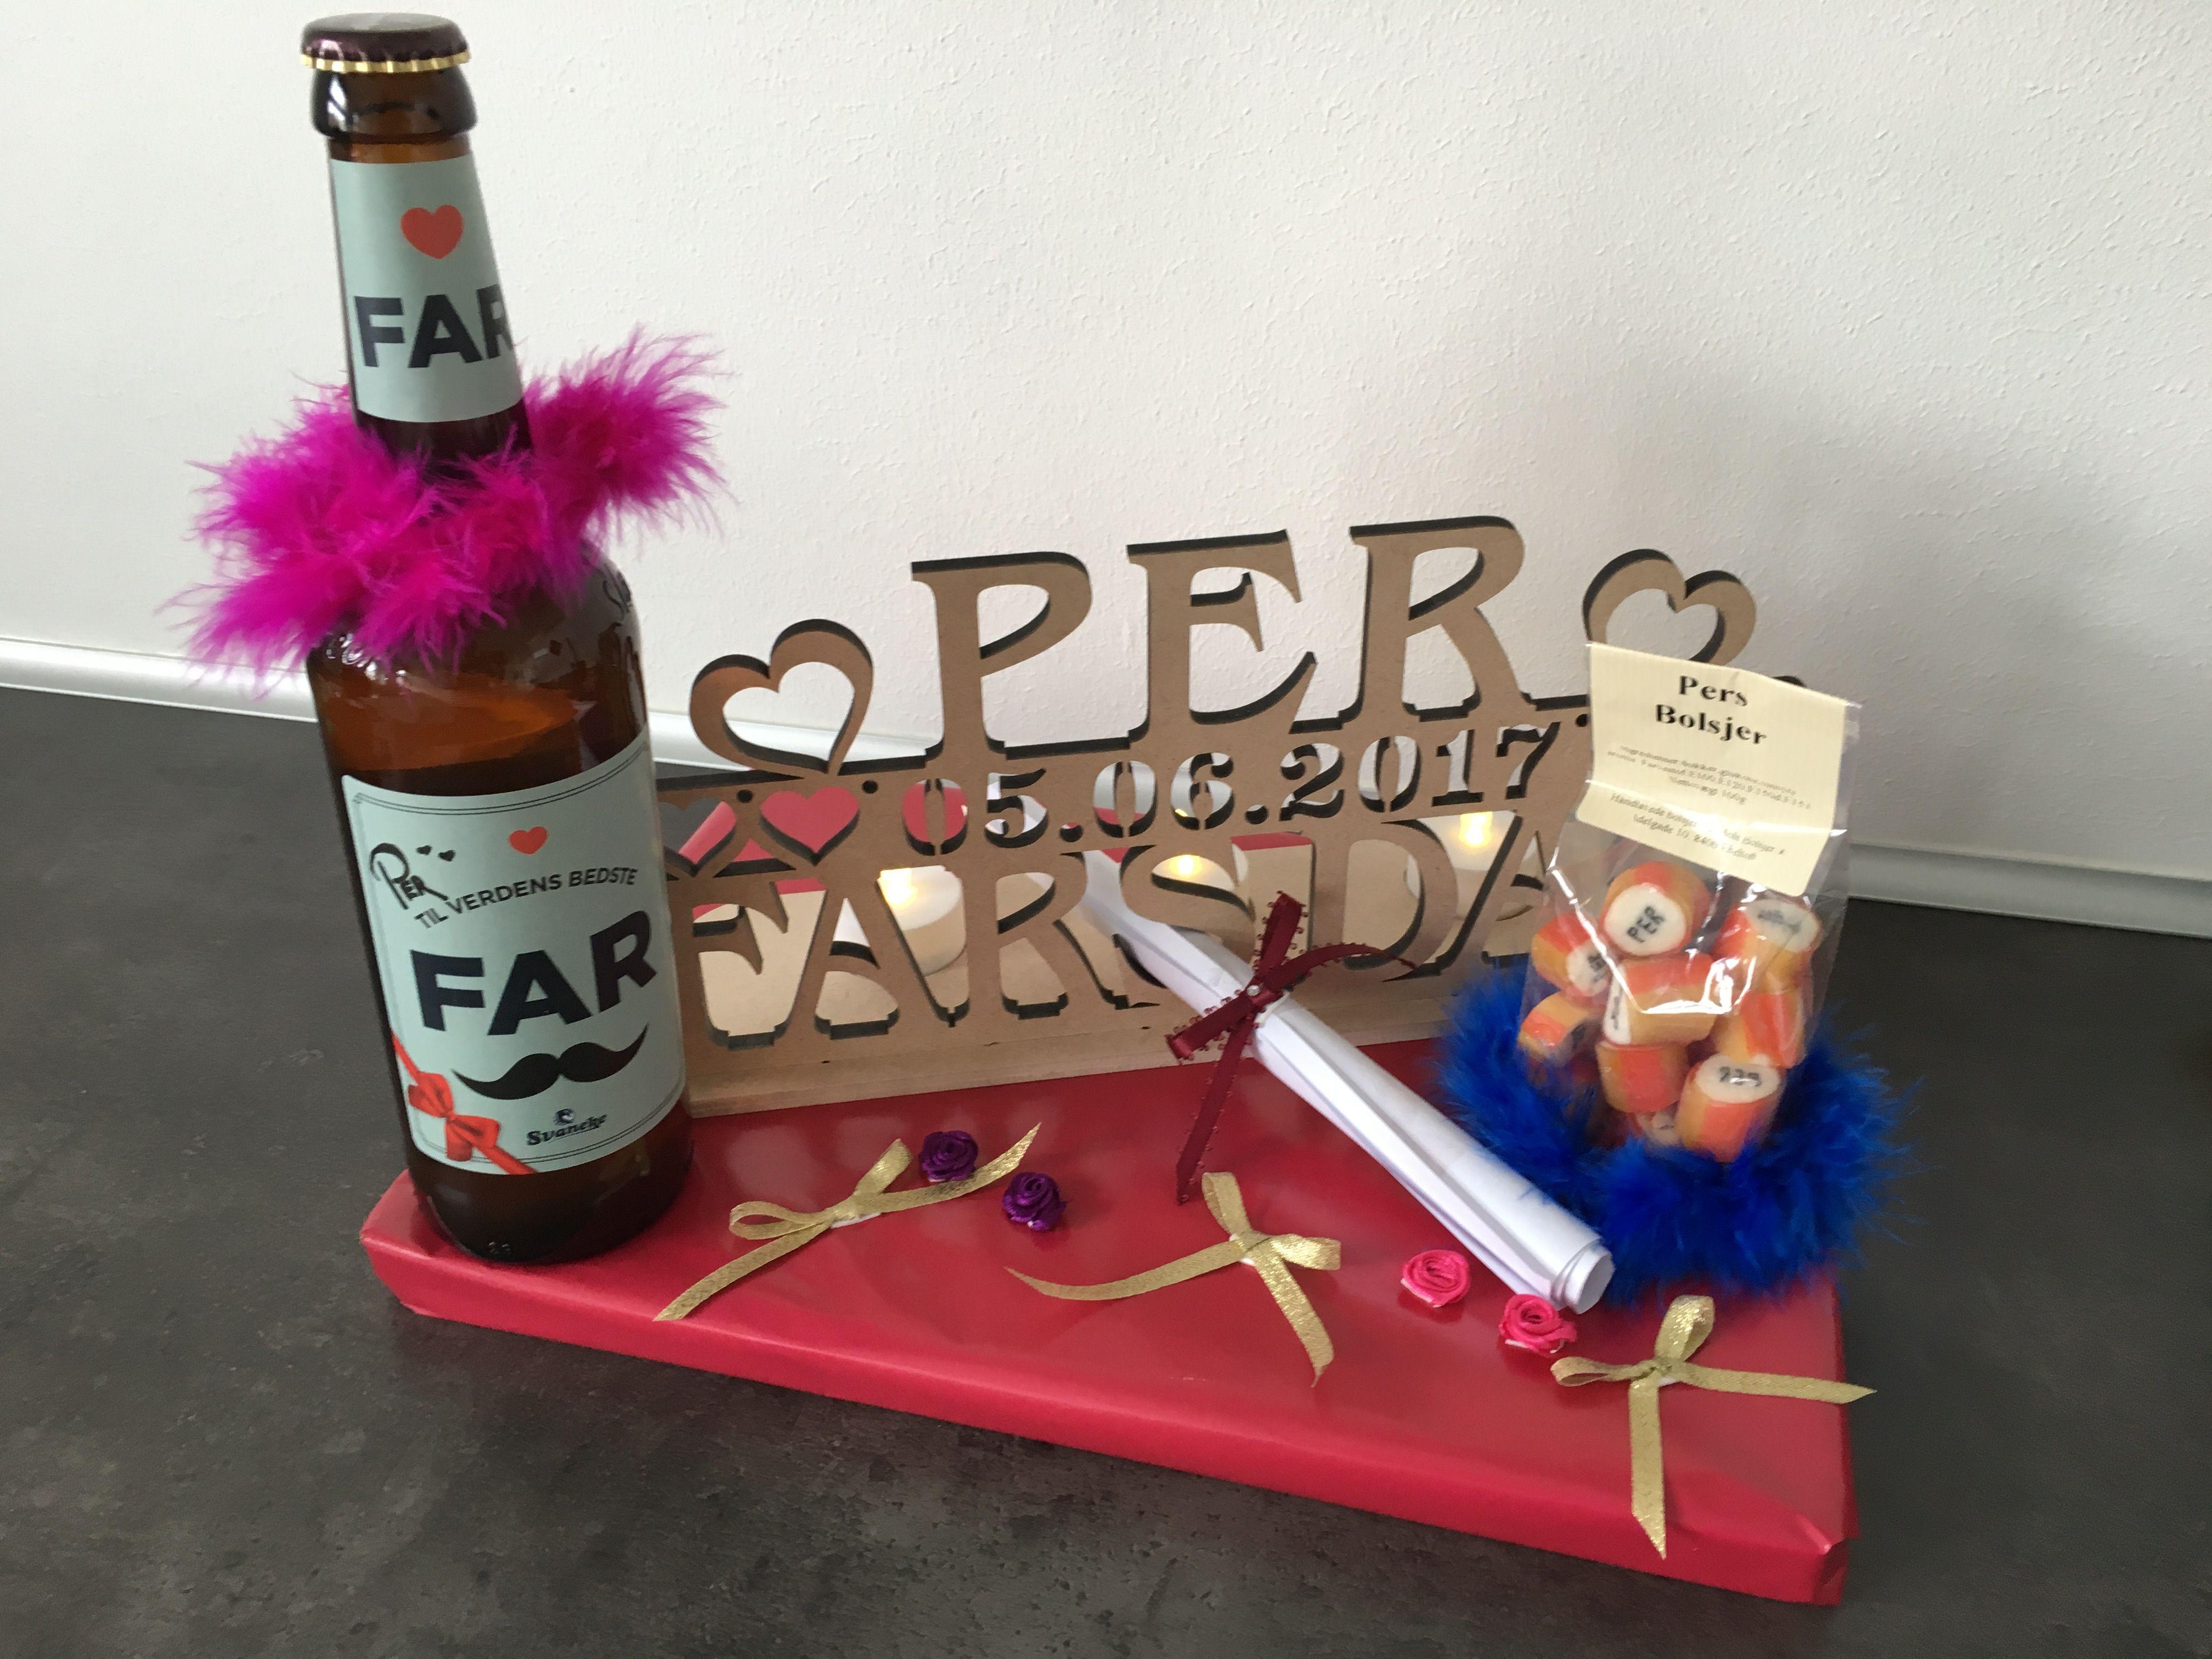 Fars dags gave med personlig lysestage, øl og bolsjer